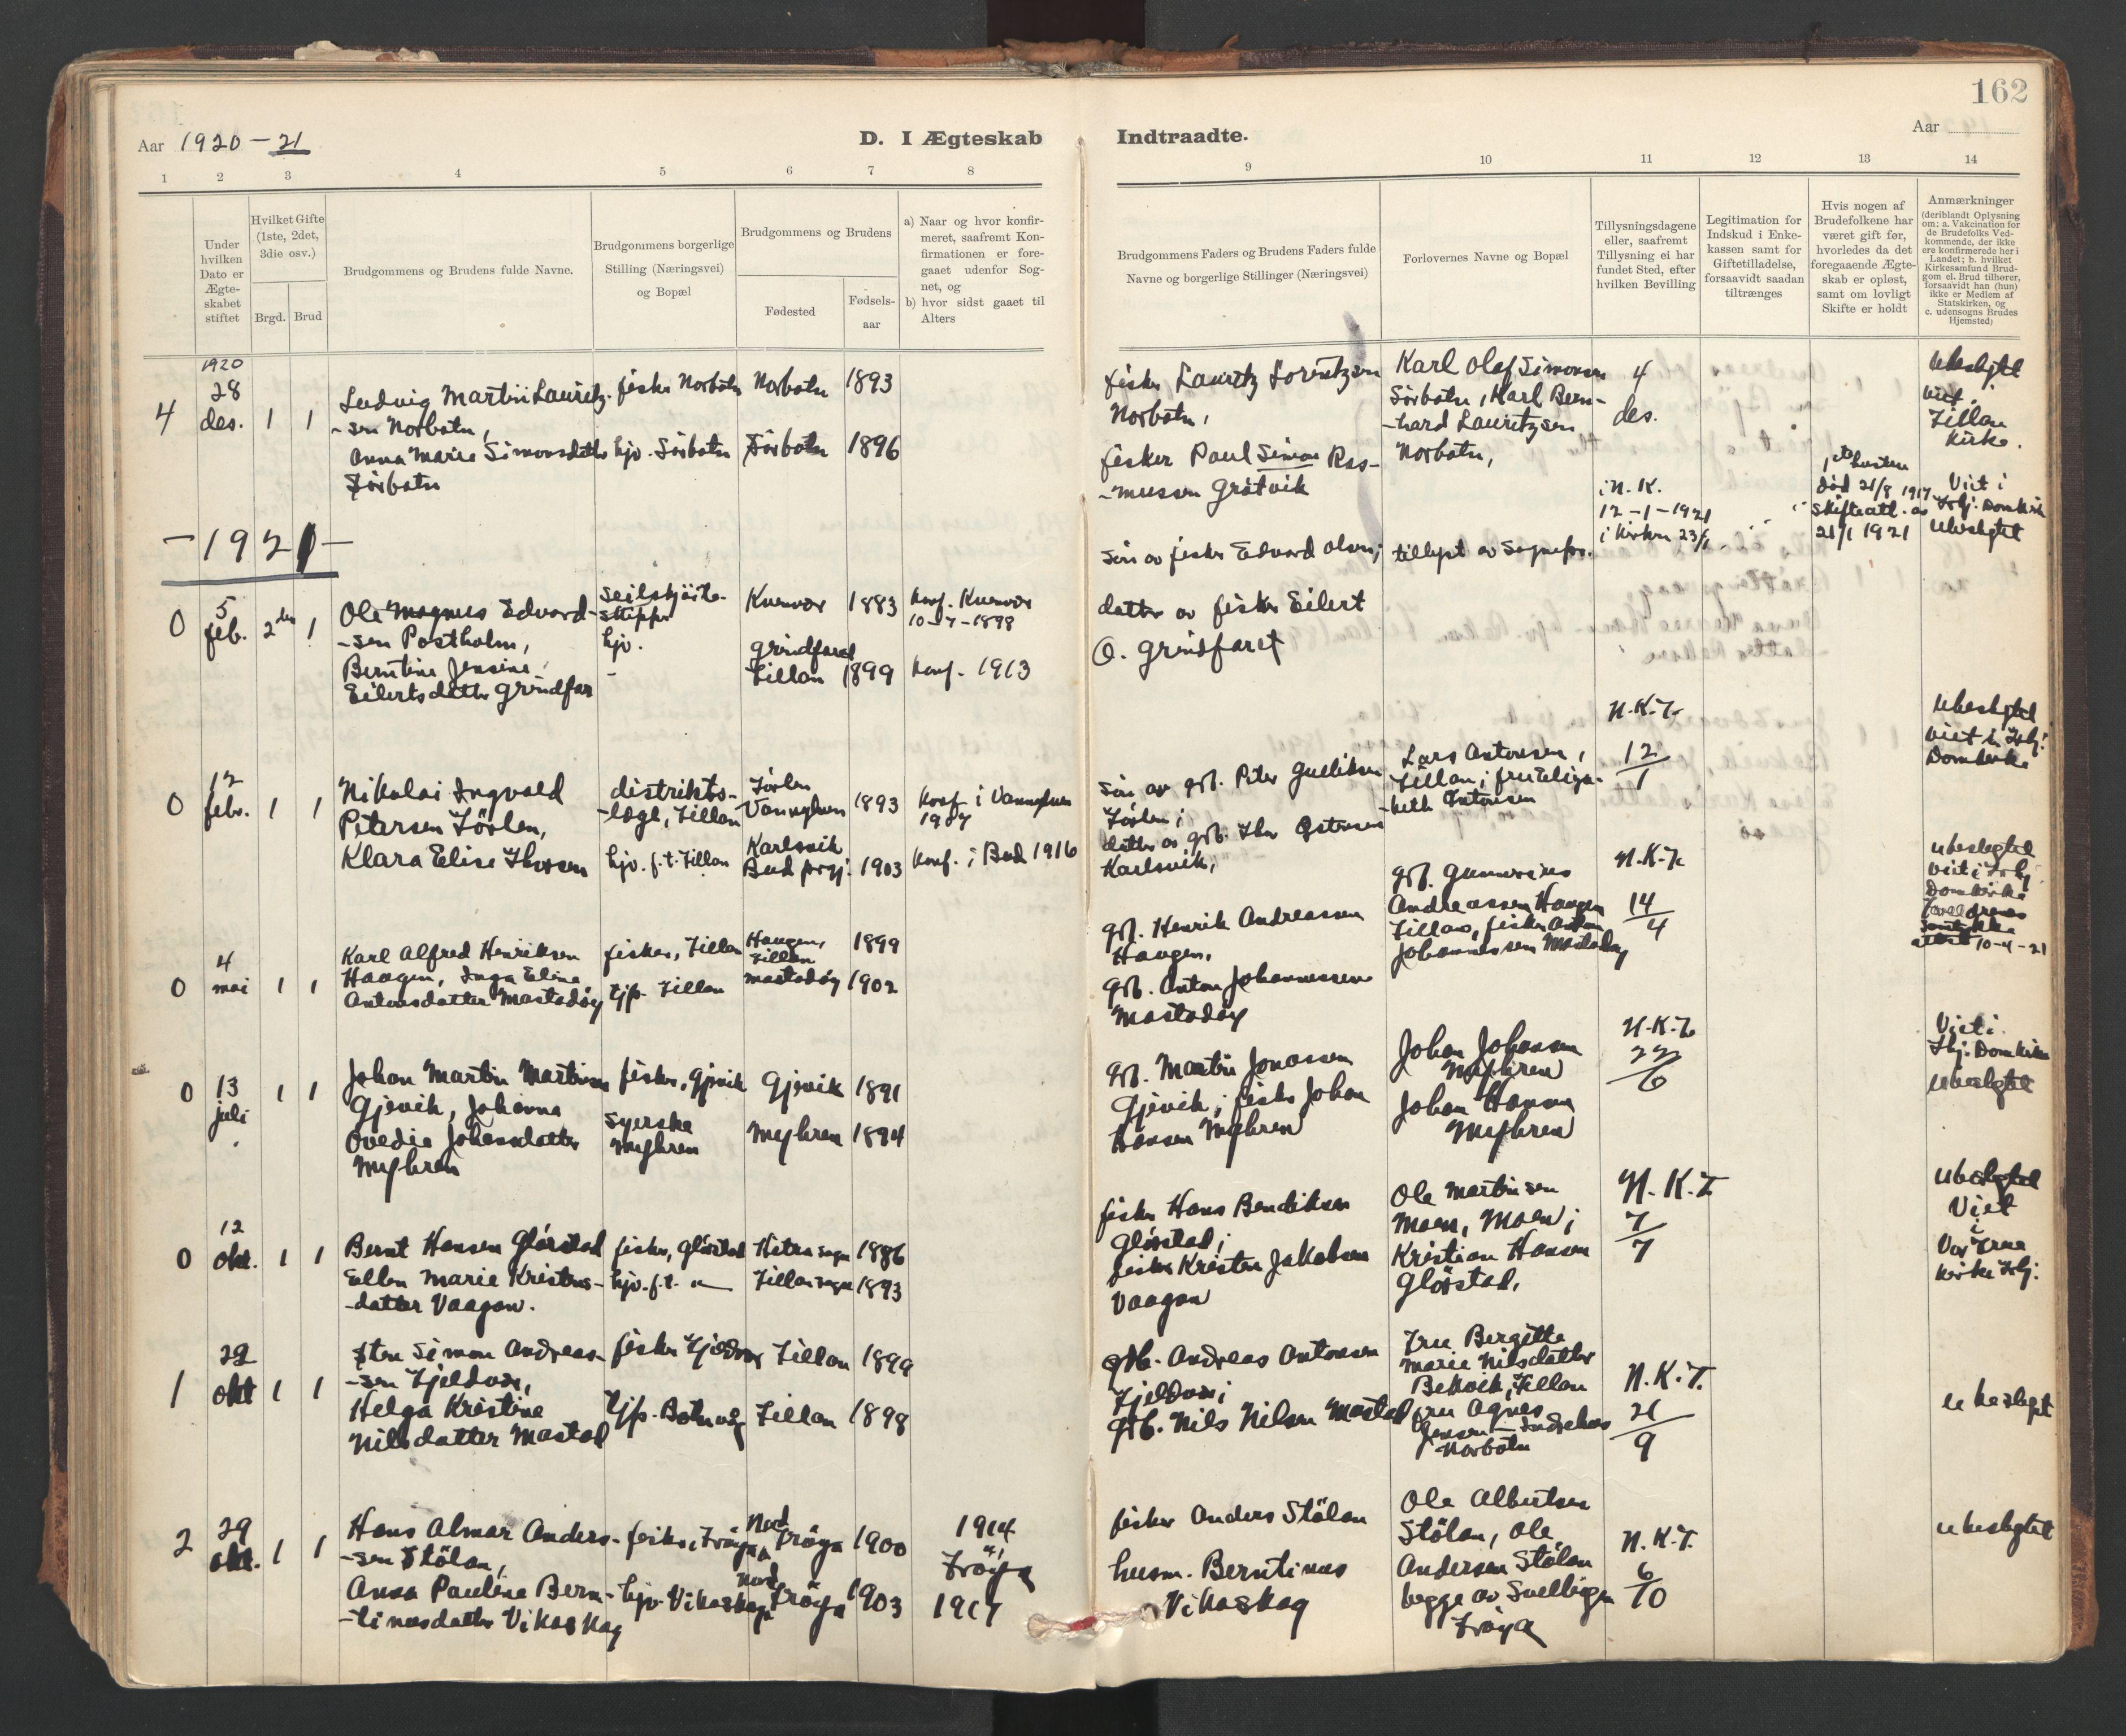 SAT, Ministerialprotokoller, klokkerbøker og fødselsregistre - Sør-Trøndelag, 637/L0559: Ministerialbok nr. 637A02, 1899-1923, s. 162